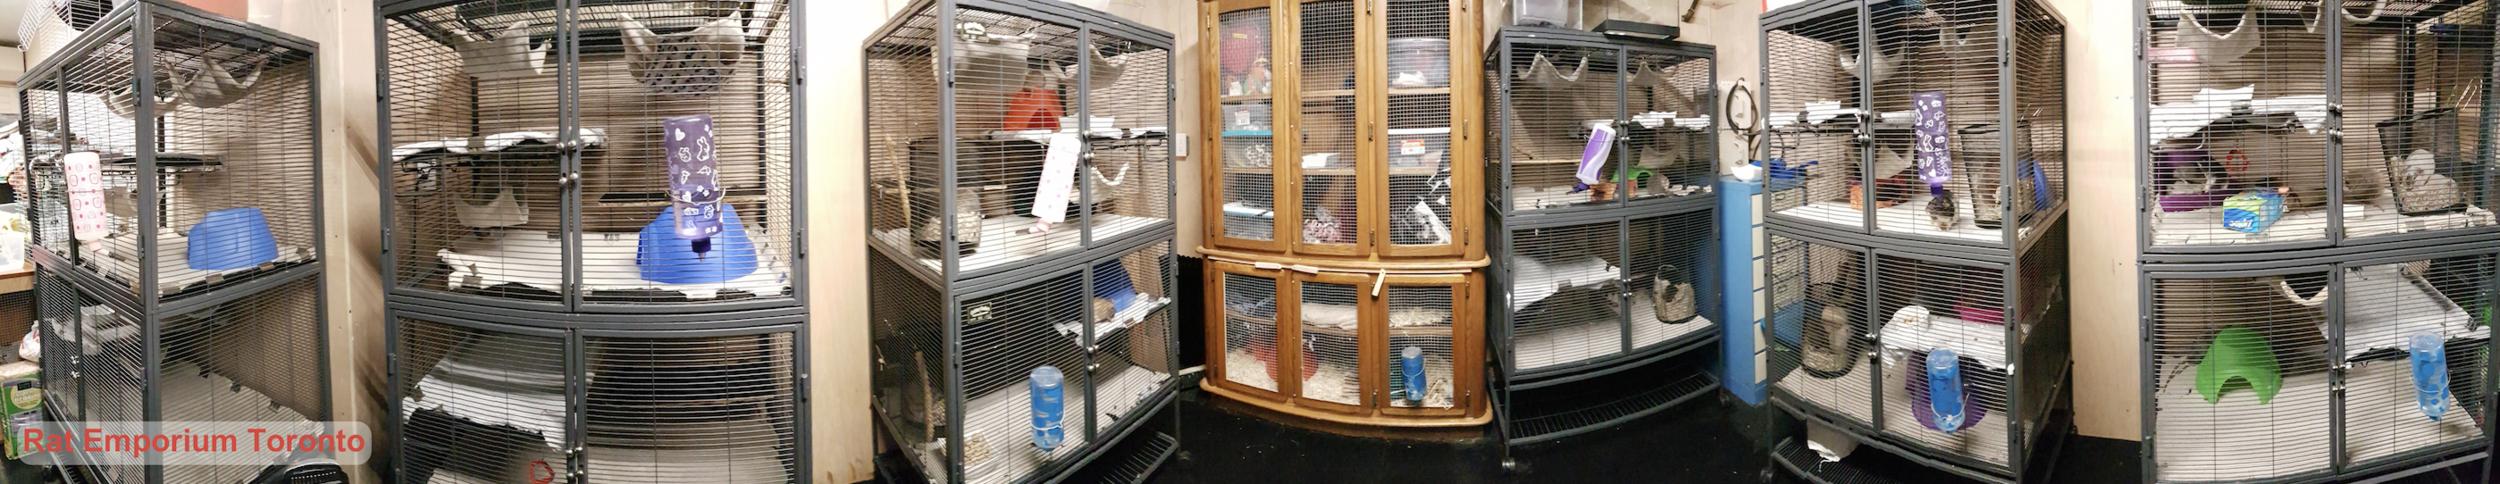 Rat Room - rat cages - rat cage set up - rat breeding - Rat Emporium Toronto